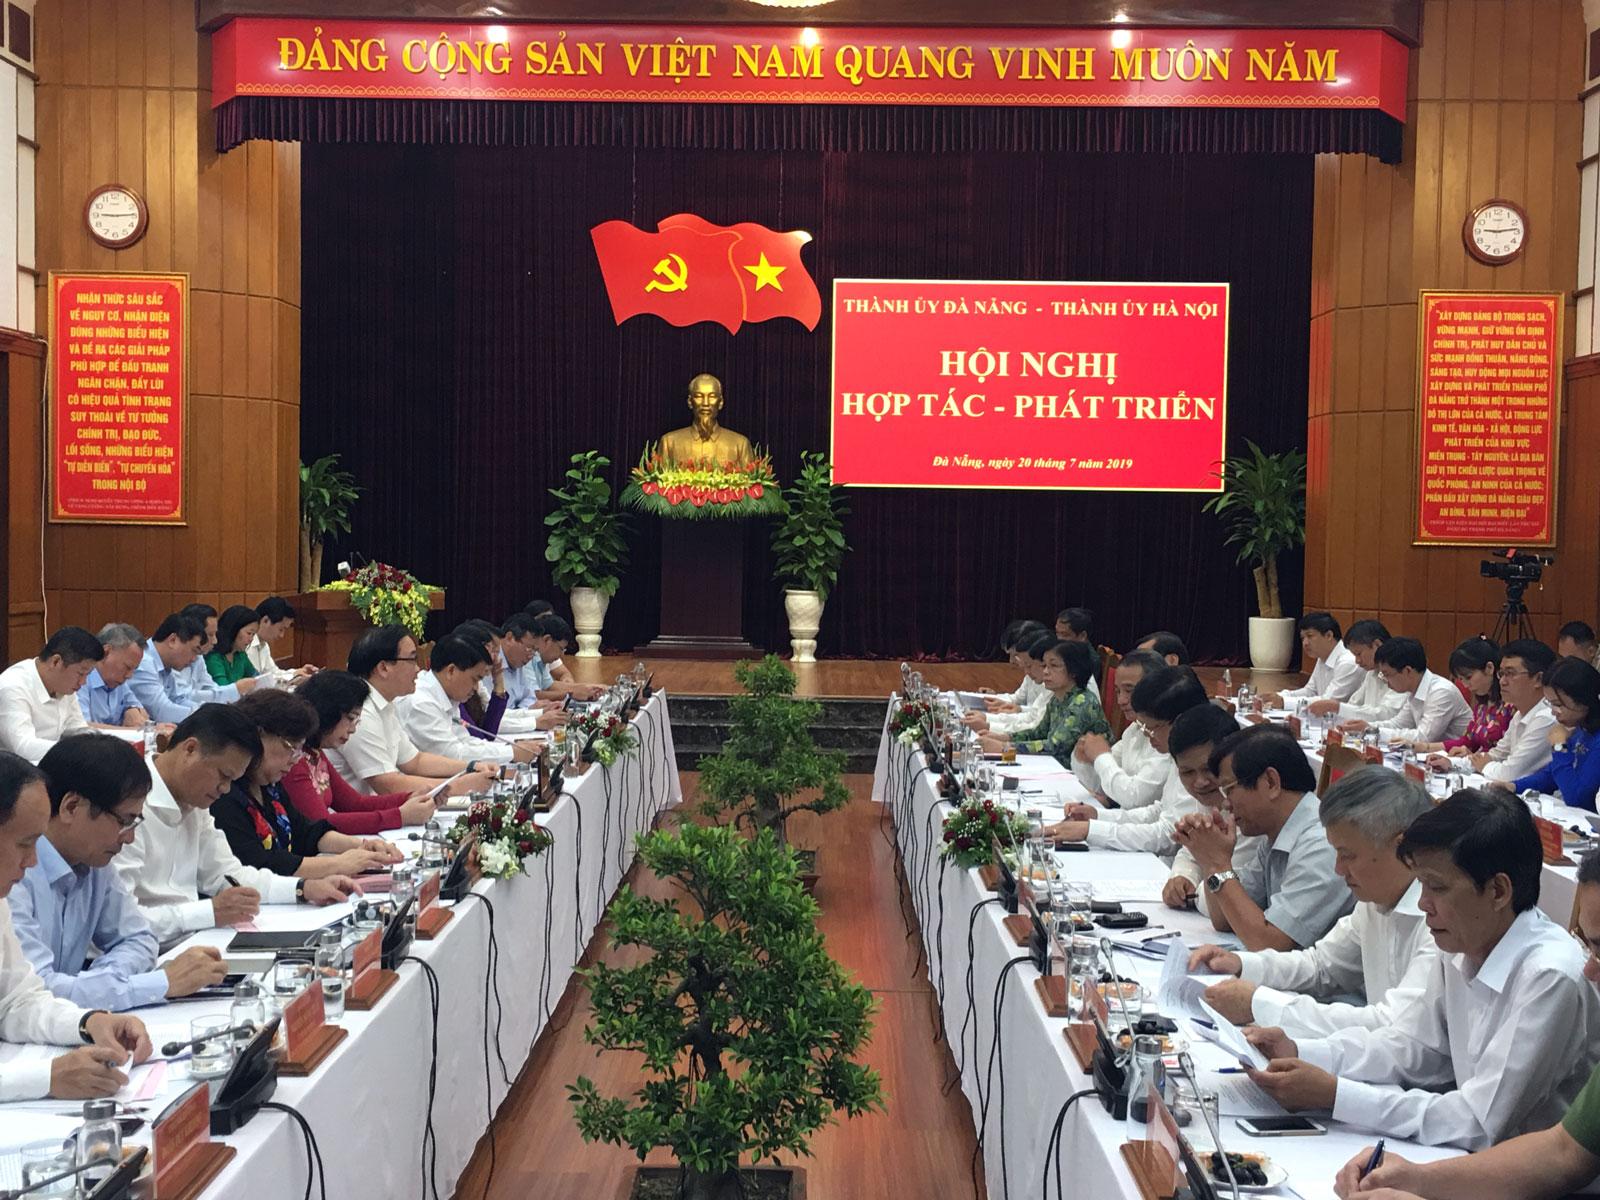 Hà Nội và Đà Nẵng thúc đẩy hợp tác, phát triển